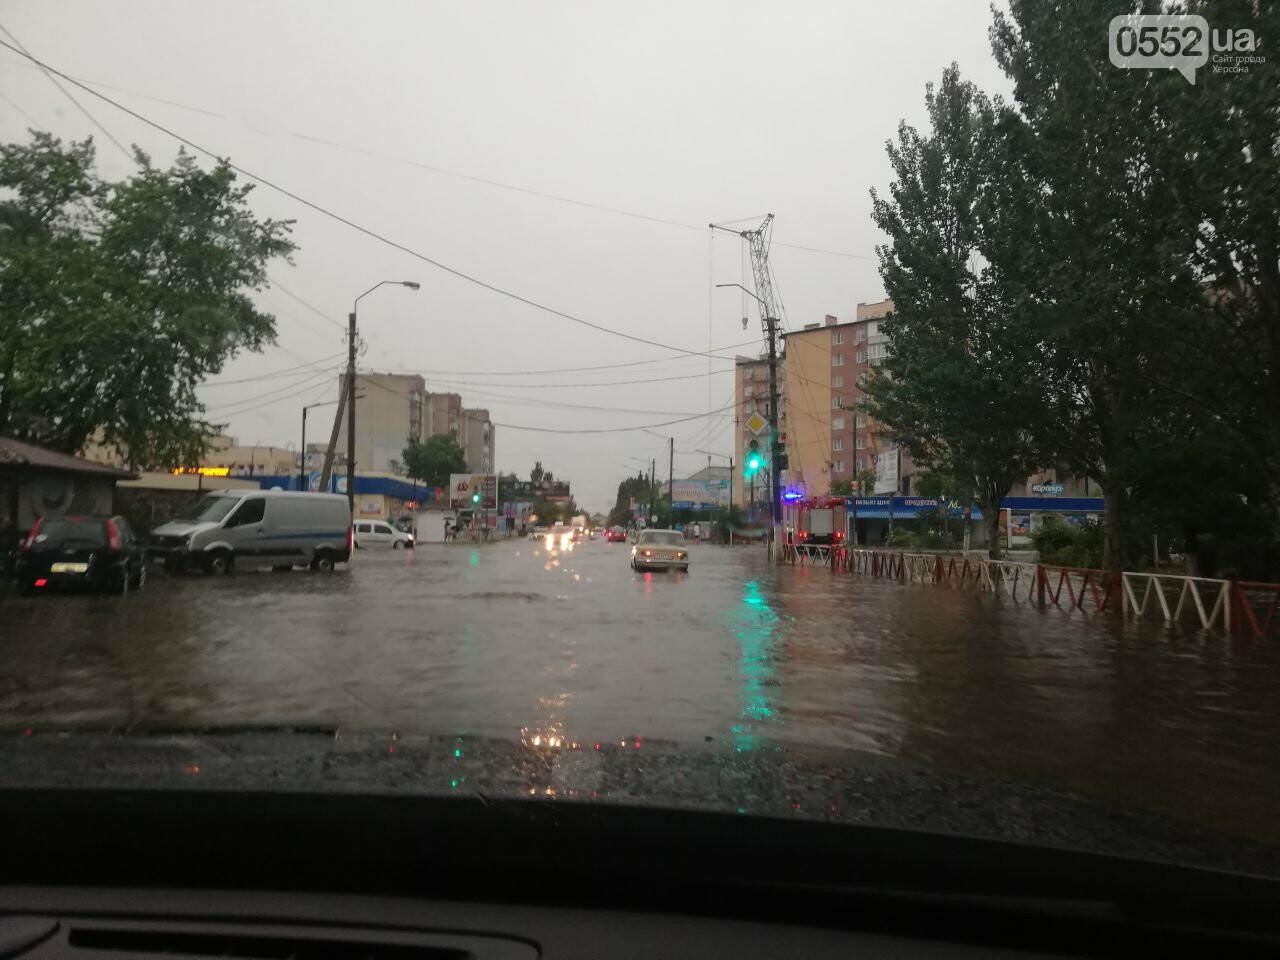 На Херсонщине ураганный ветер сорвал крыши с 50 домов и повалил свыше 100 деревьев, фото-4